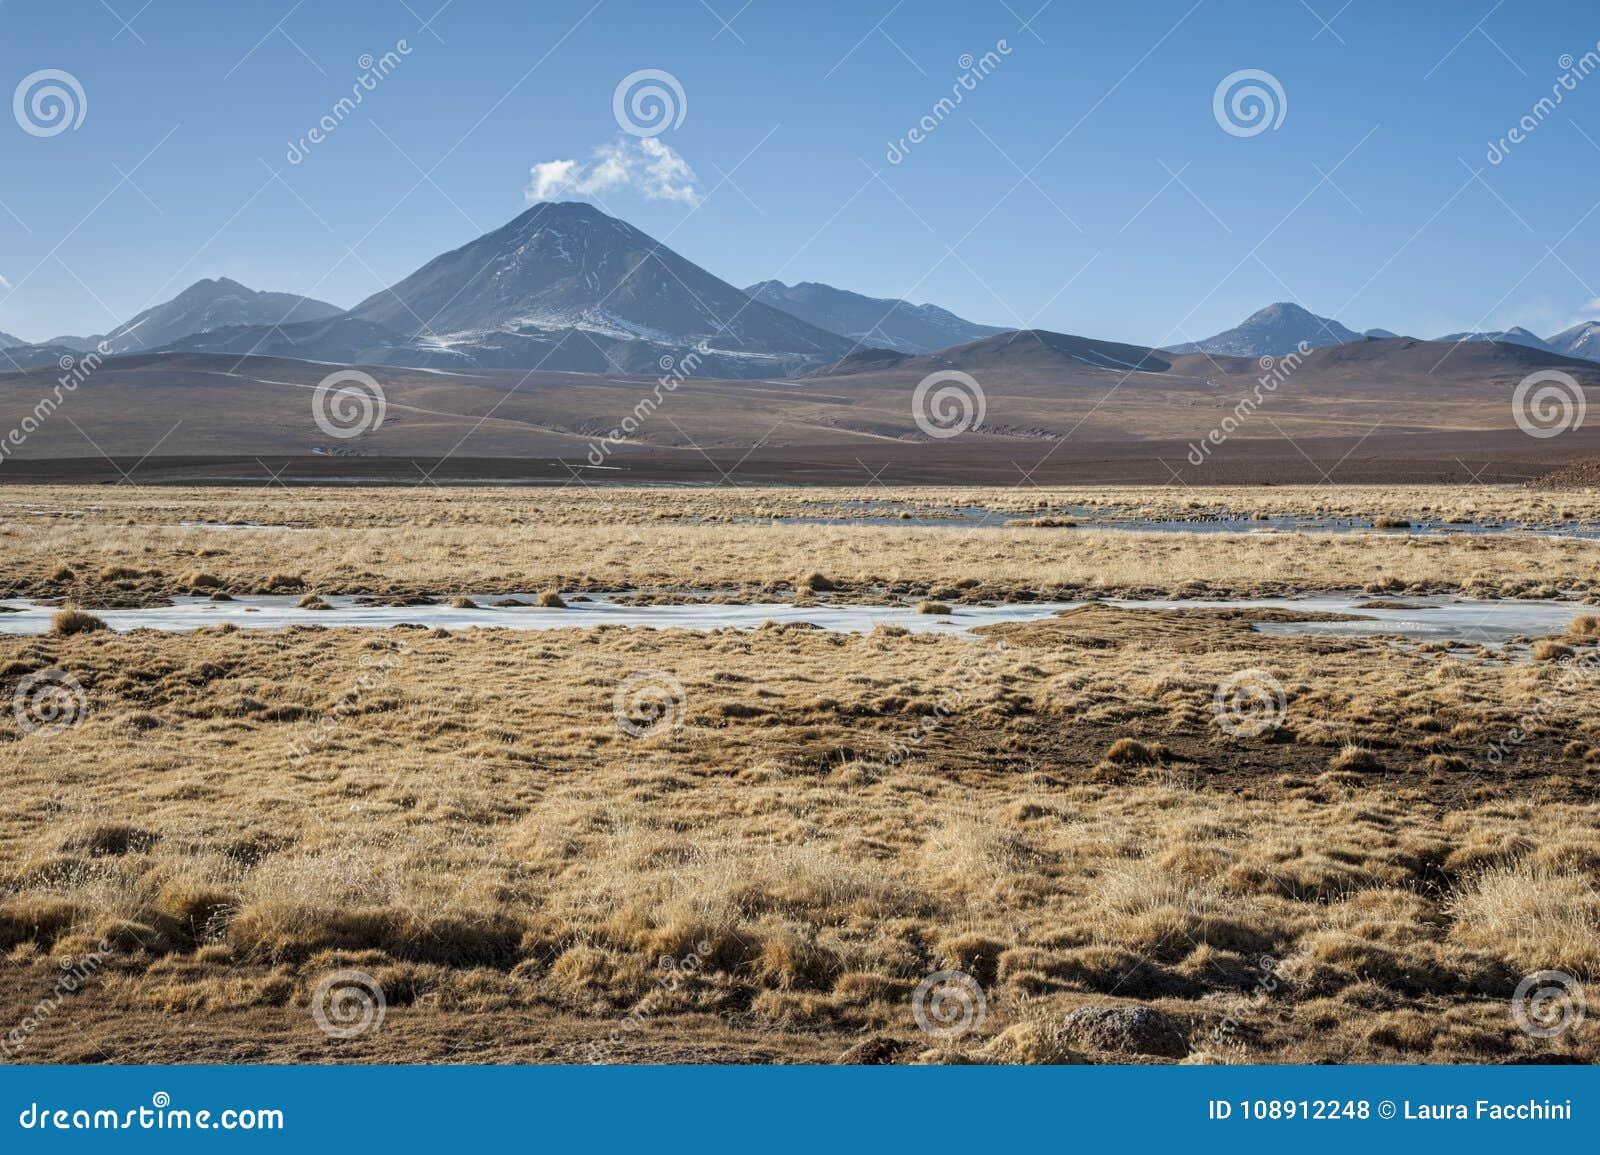 Vulcão ativo Putana igualmente conhecido como Jorqencal ou Machuca perto de Vado Rio Putana no deserto de Atacama, o Chile